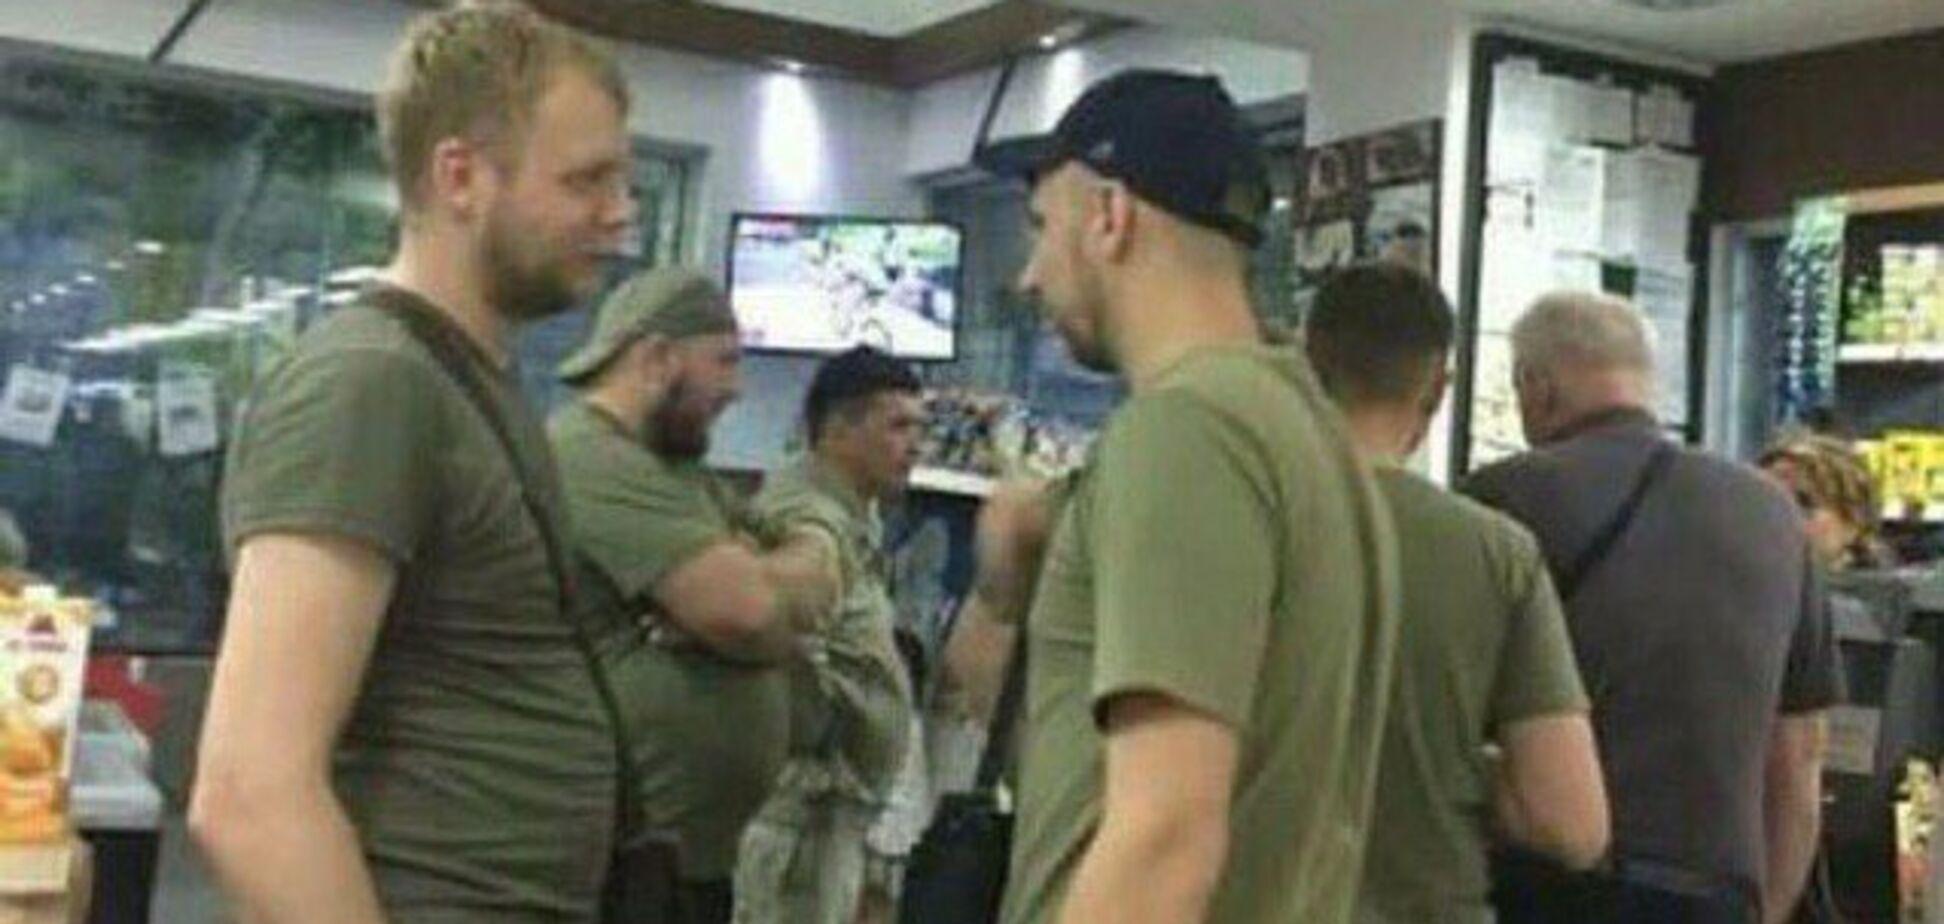 'Потенциальный груз-200': в Венесуэле засекли российских наемников в магазине. Фотофакт